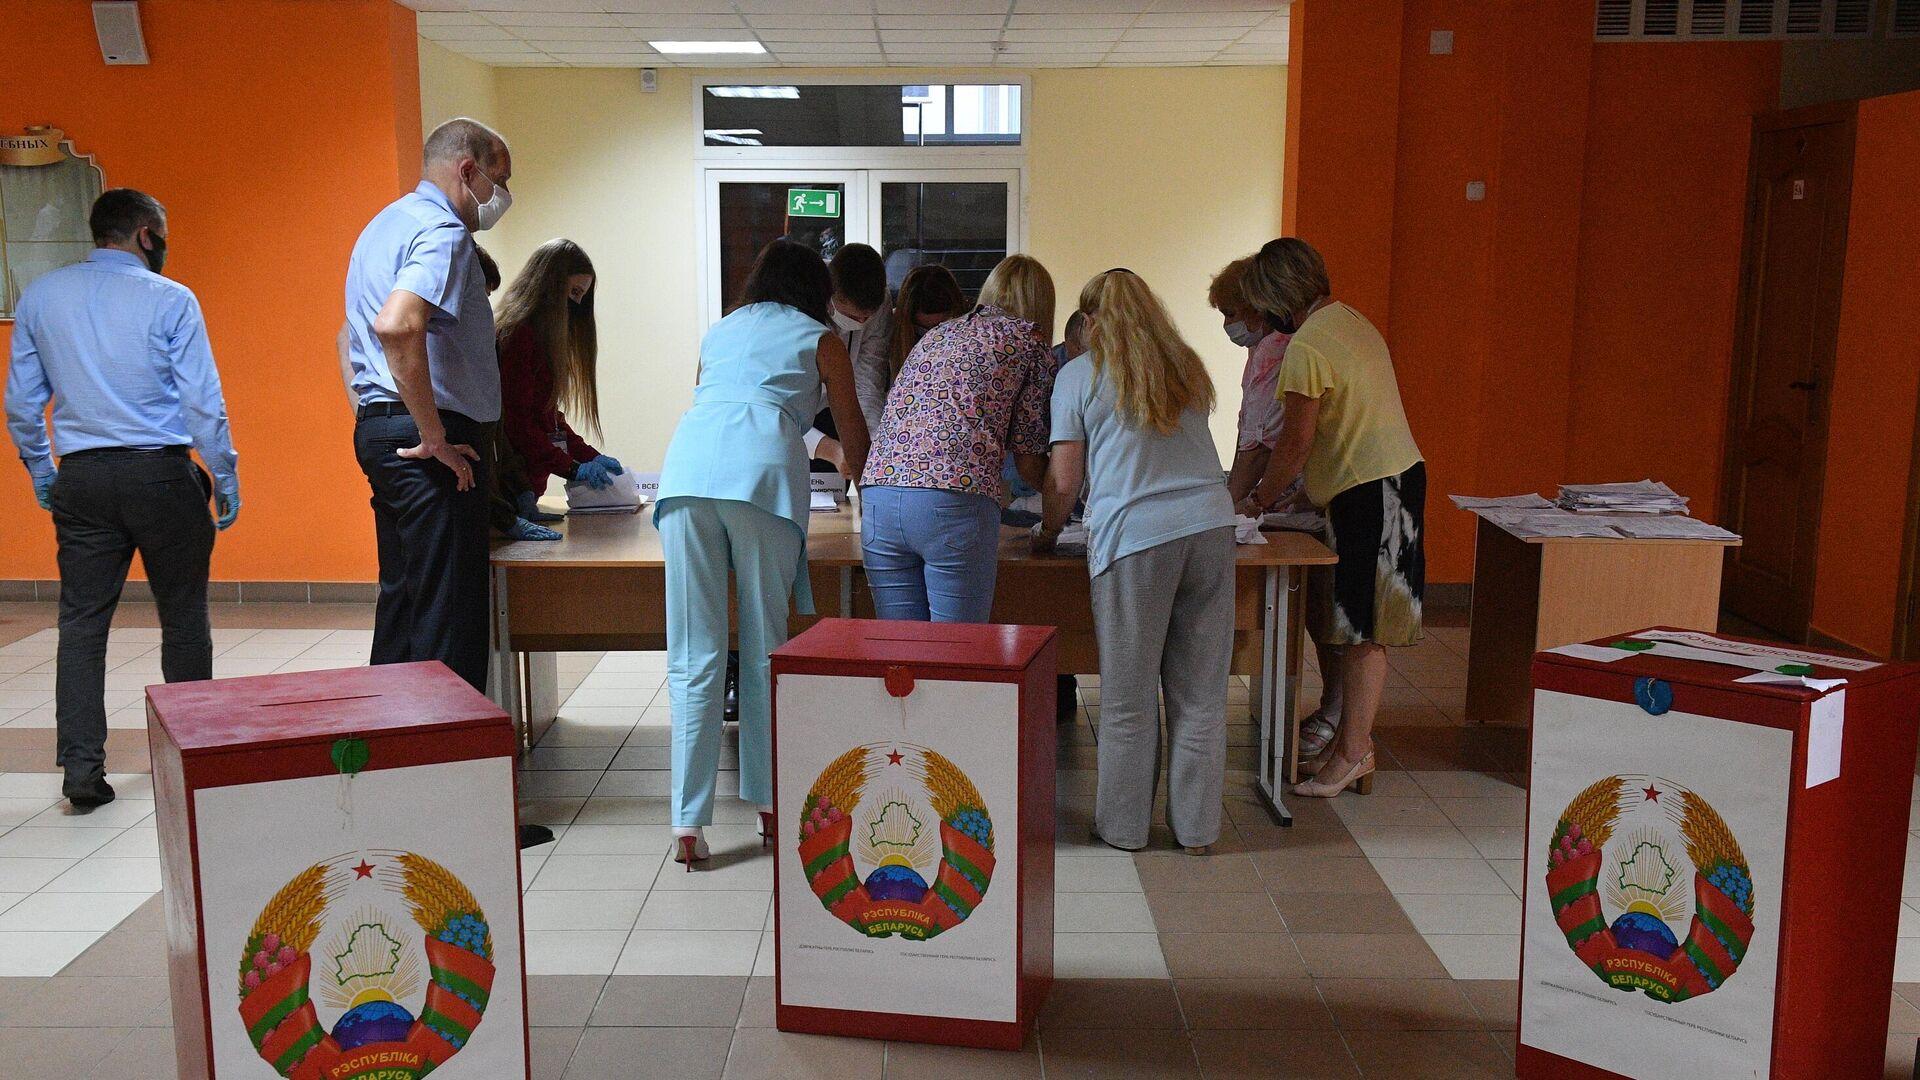 Подсчёт голосов на выборах президента Белоруссии - РИА Новости, 1920, 25.08.2020